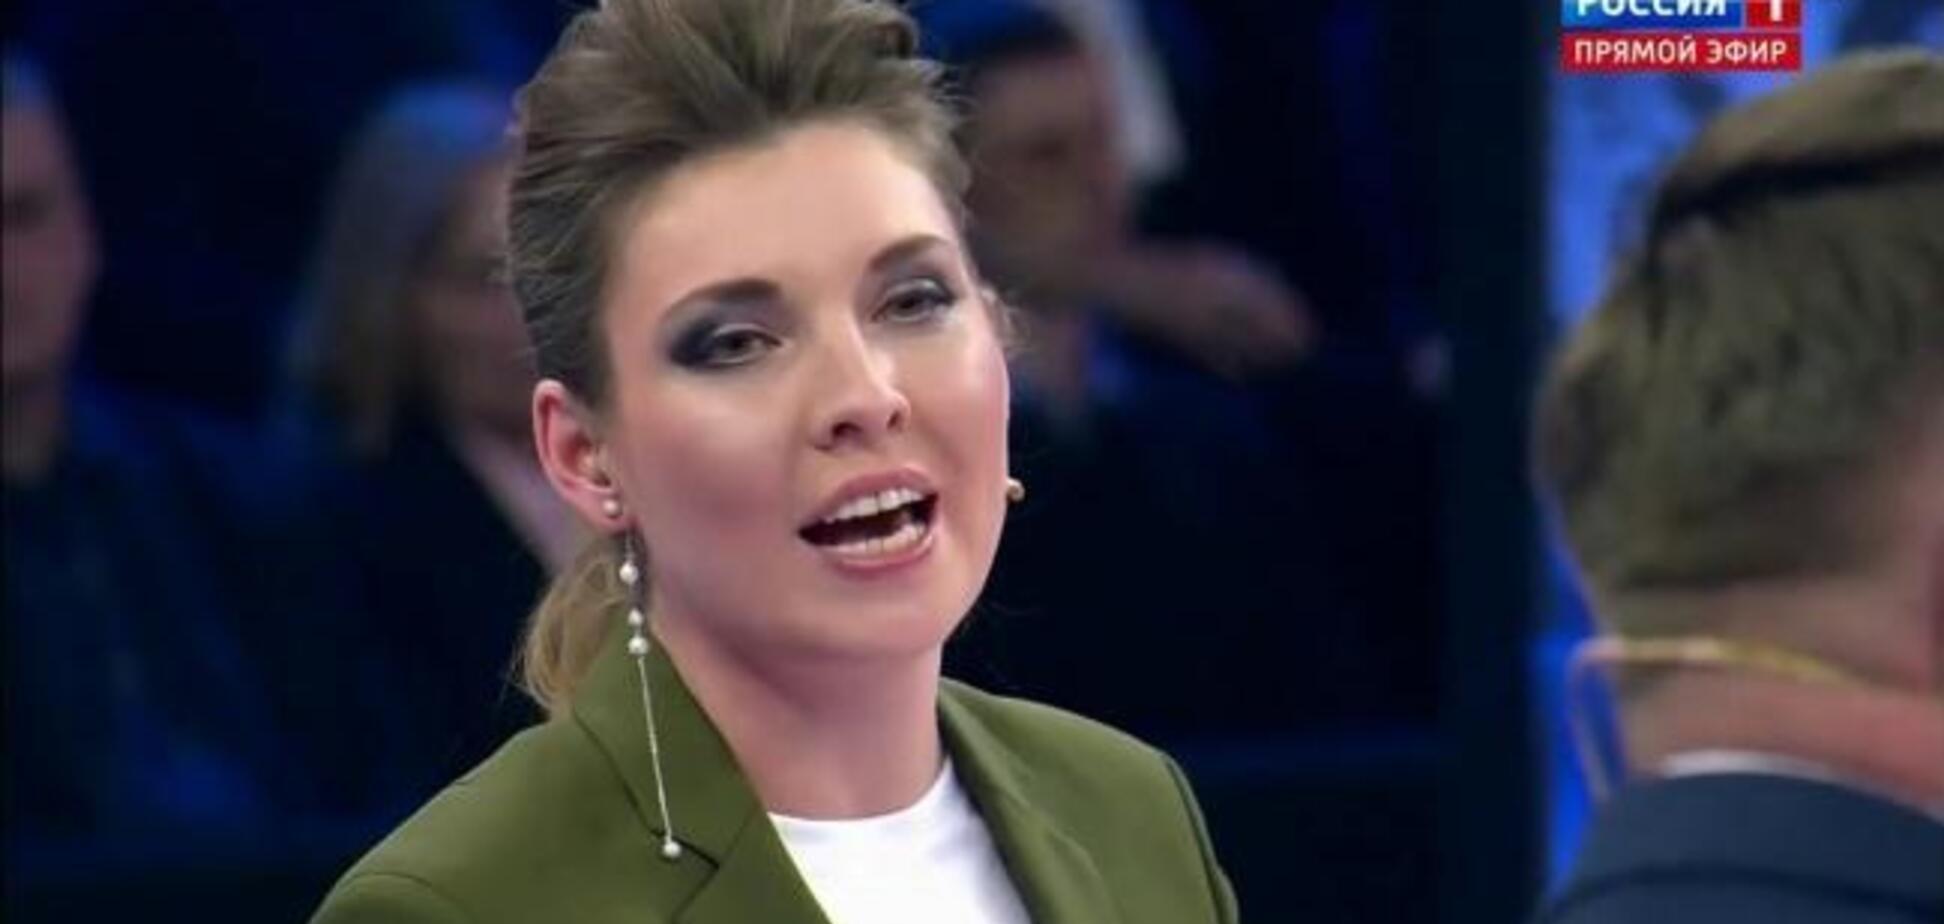 'Замість глядачів — актори': німецький журналіст розповів, як насправді працює шоу Скабєєвої